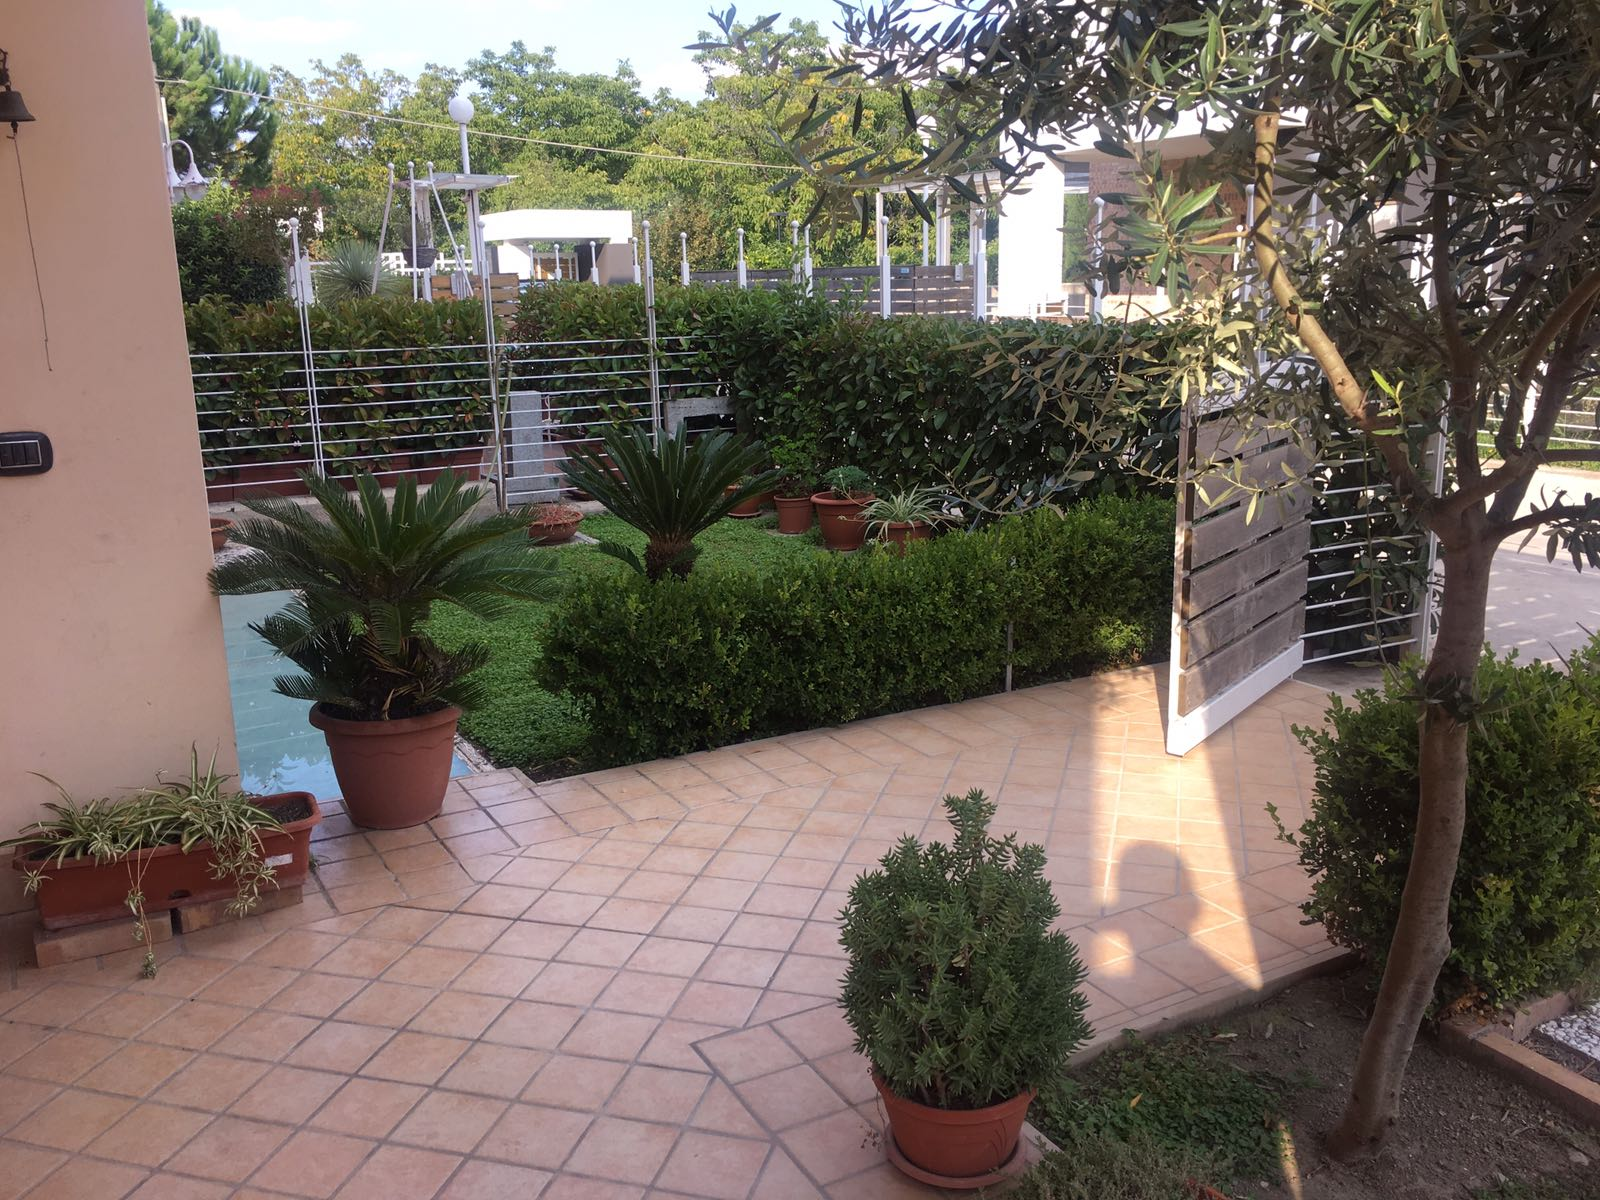 Villa in vendita a Ottaviano, 5 locali, prezzo € 340.000 | Cambio Casa.it